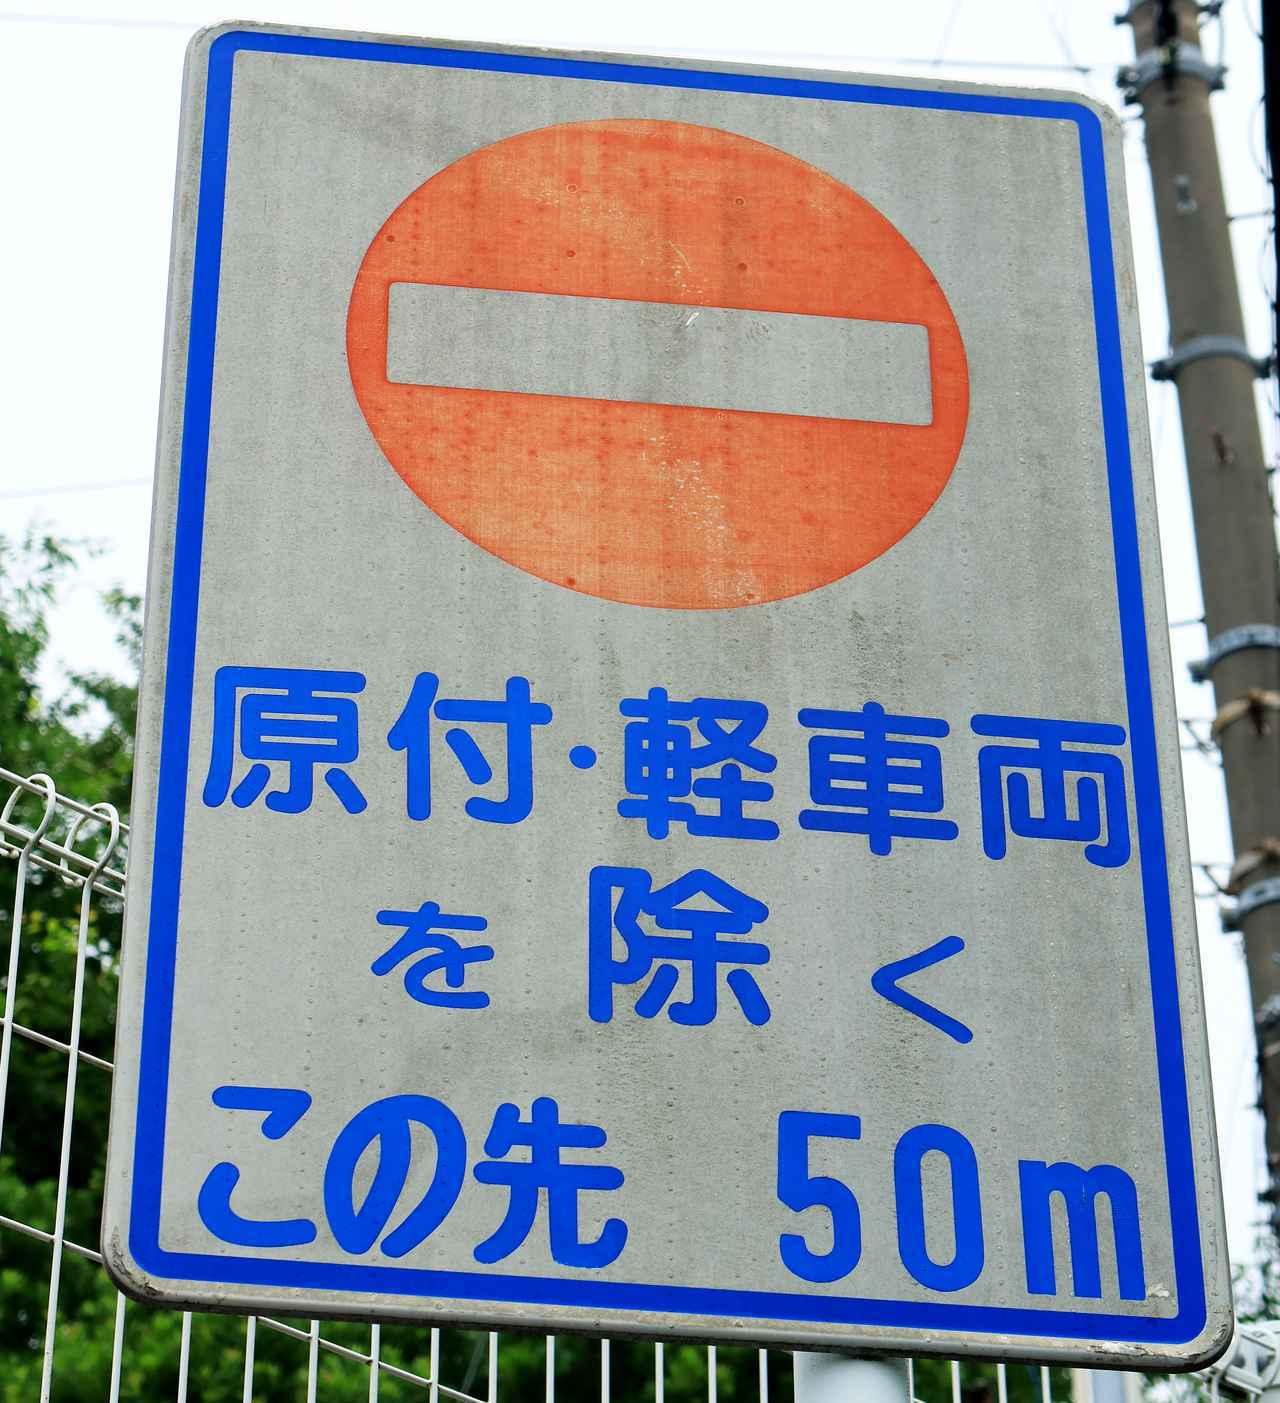 画像1: スズキ『レッツ』で鎌倉散歩! バイク初心者必見。 50cc原付スクーターのメリットやデメリットは?【穴が空くまでスズキを愛でる/レッツ 試乗インプレ⑥】